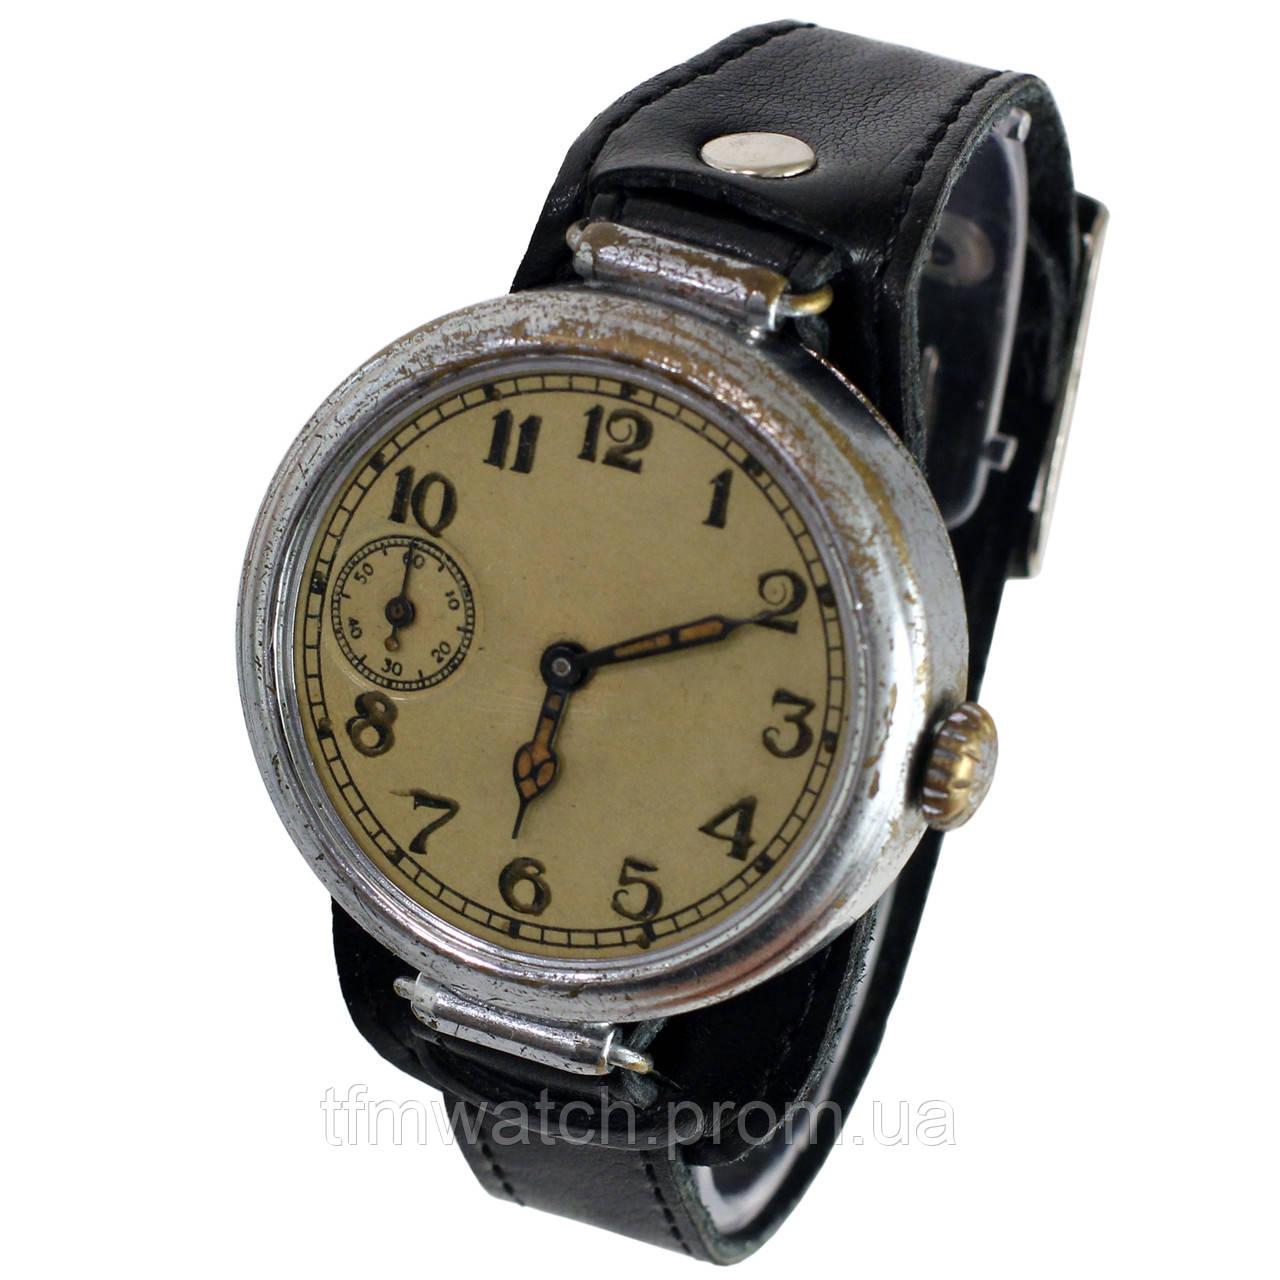 Наручные часы москве старые в где продать работы новгороде часы нижнем ломбарды в